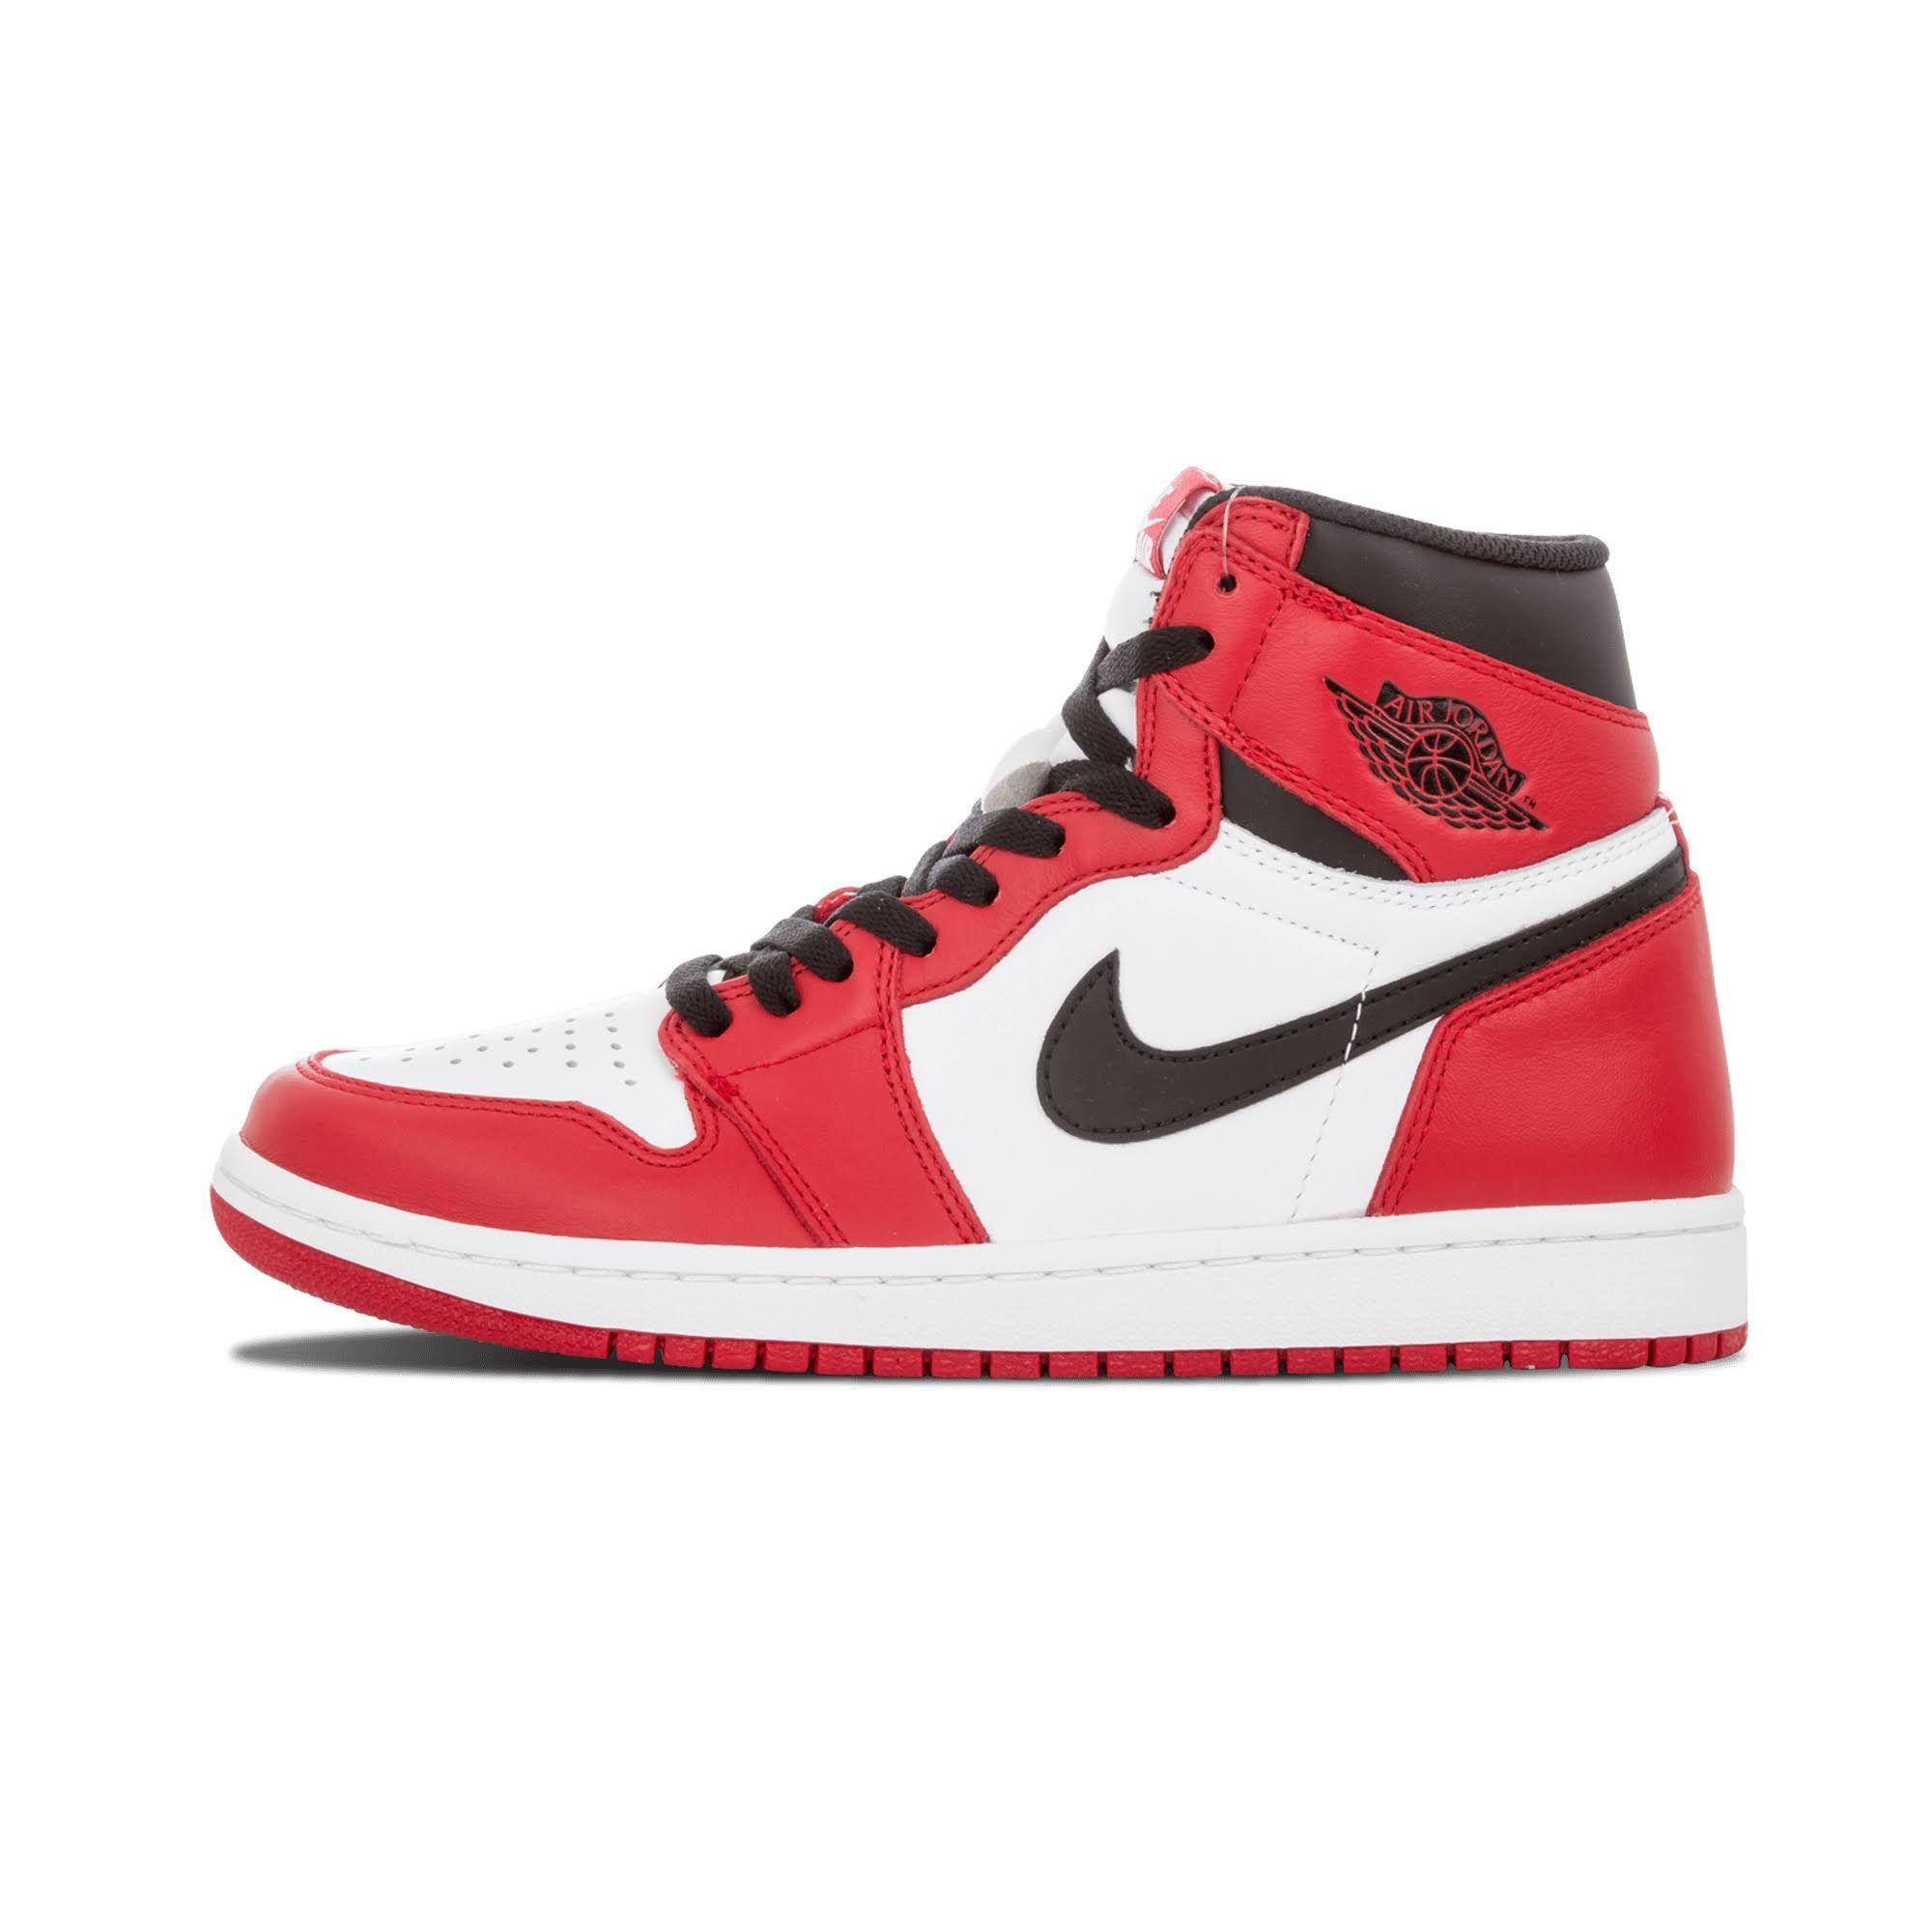 e7fc4e206f51e Air Jordan 1 Retro High OG 9 Shoes White / Black 555088 101 | Air ...